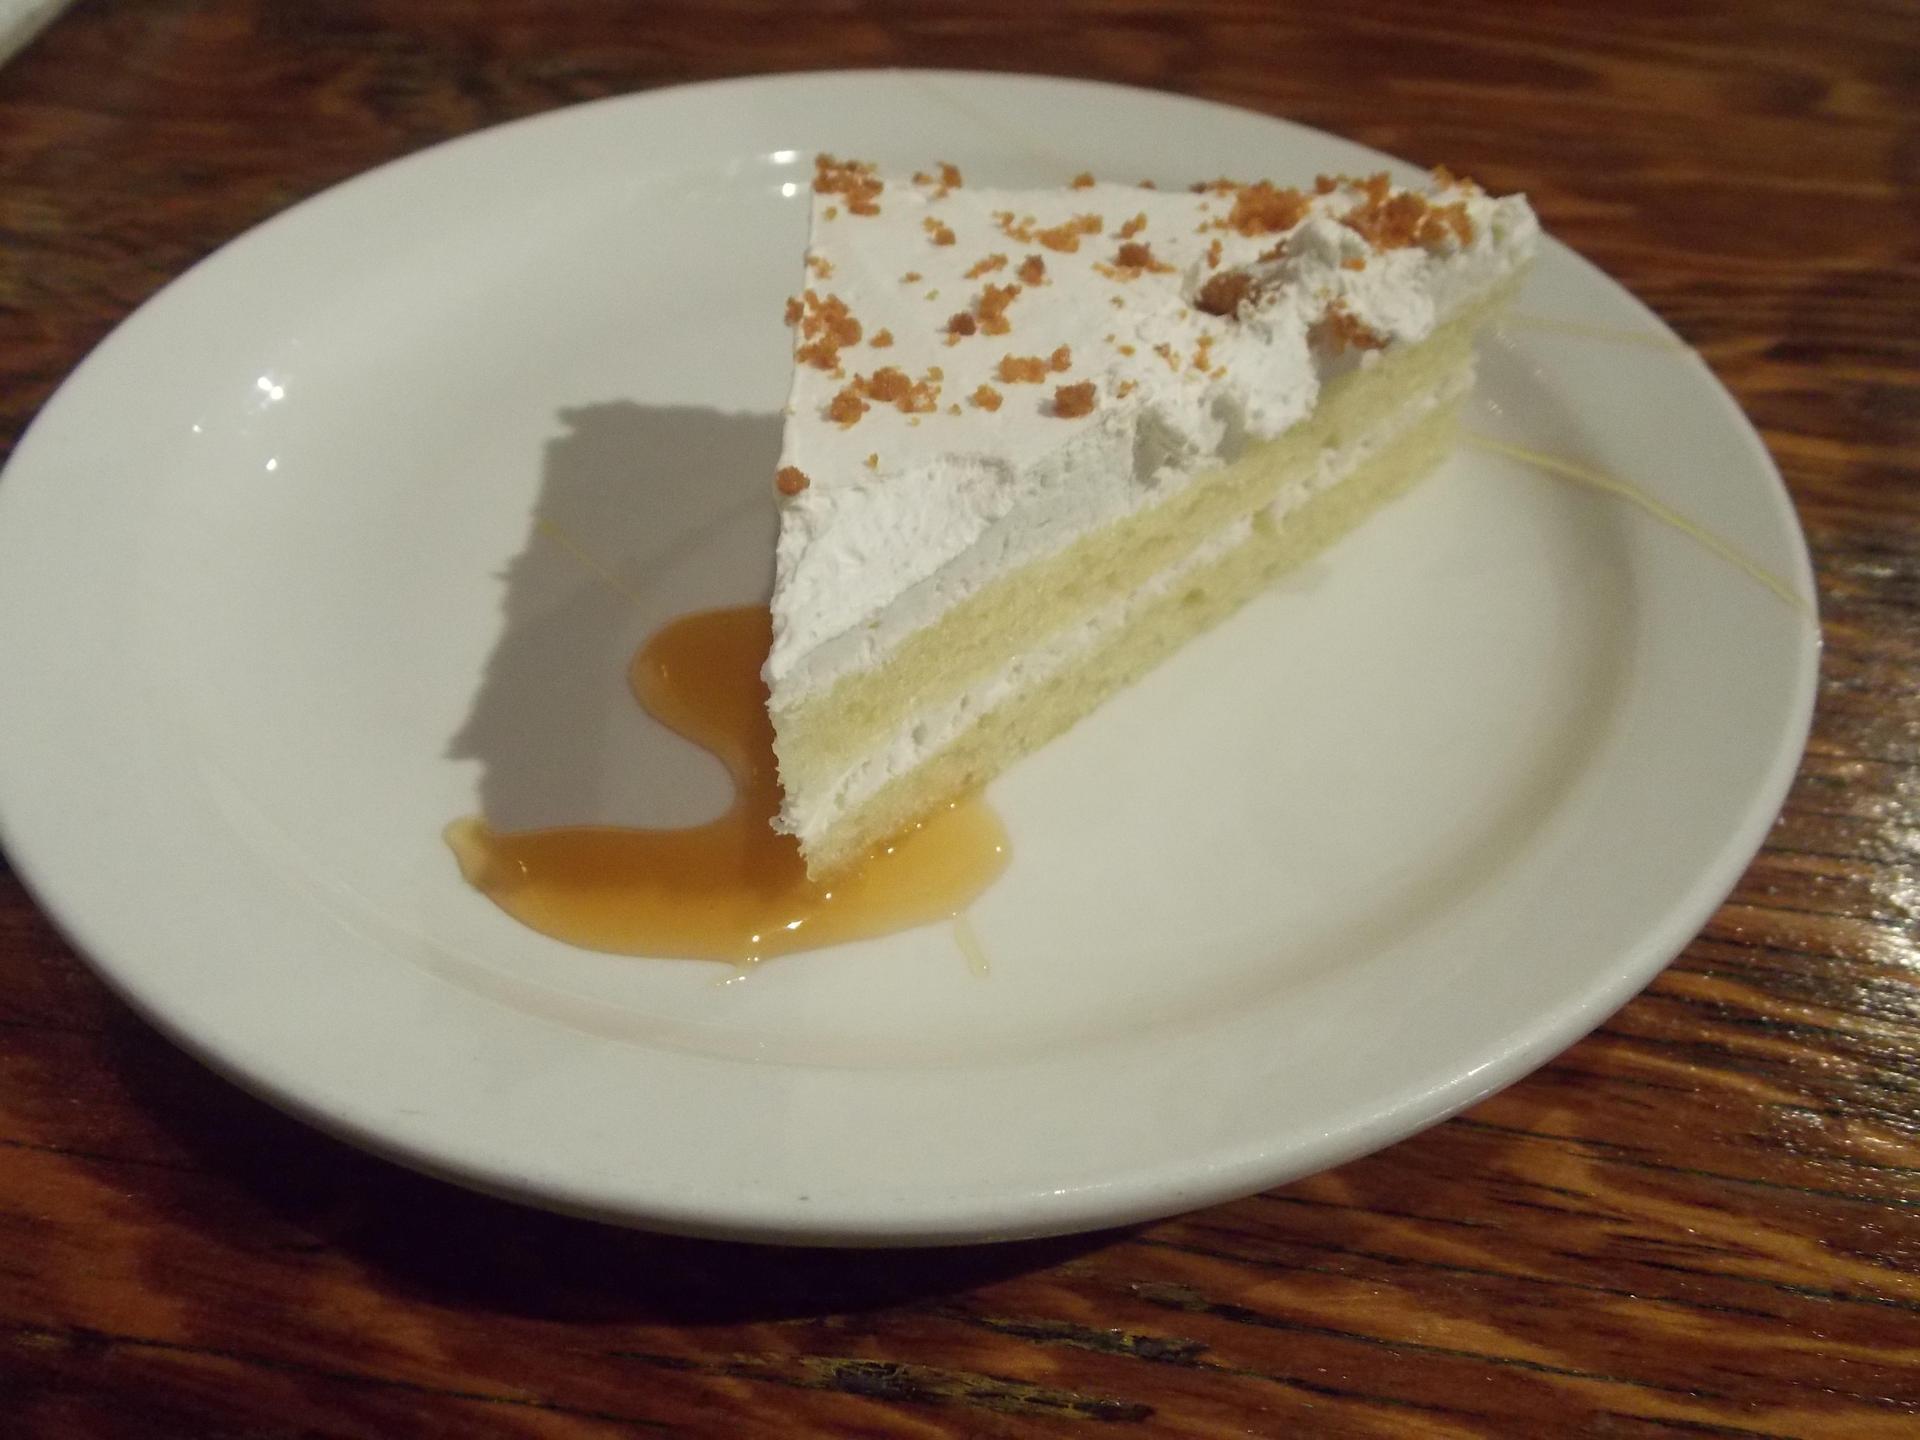 Dessert from dinner in Quebec, miam!